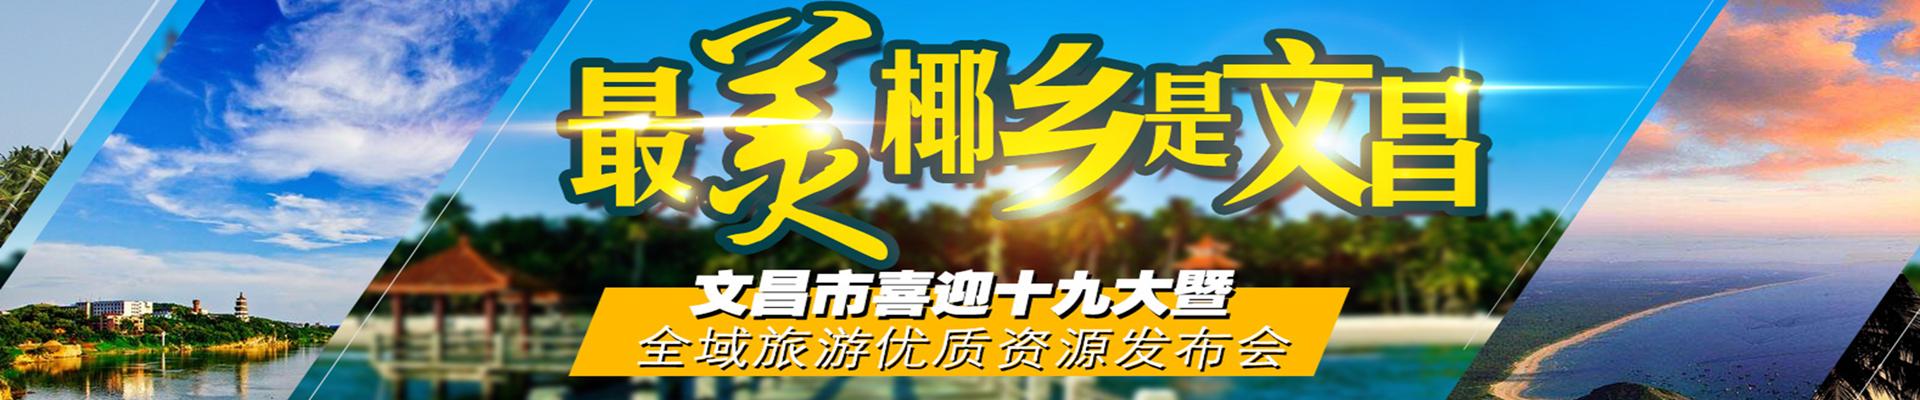 文昌喜迎十九大暨全域旅游优质资源发布之夜